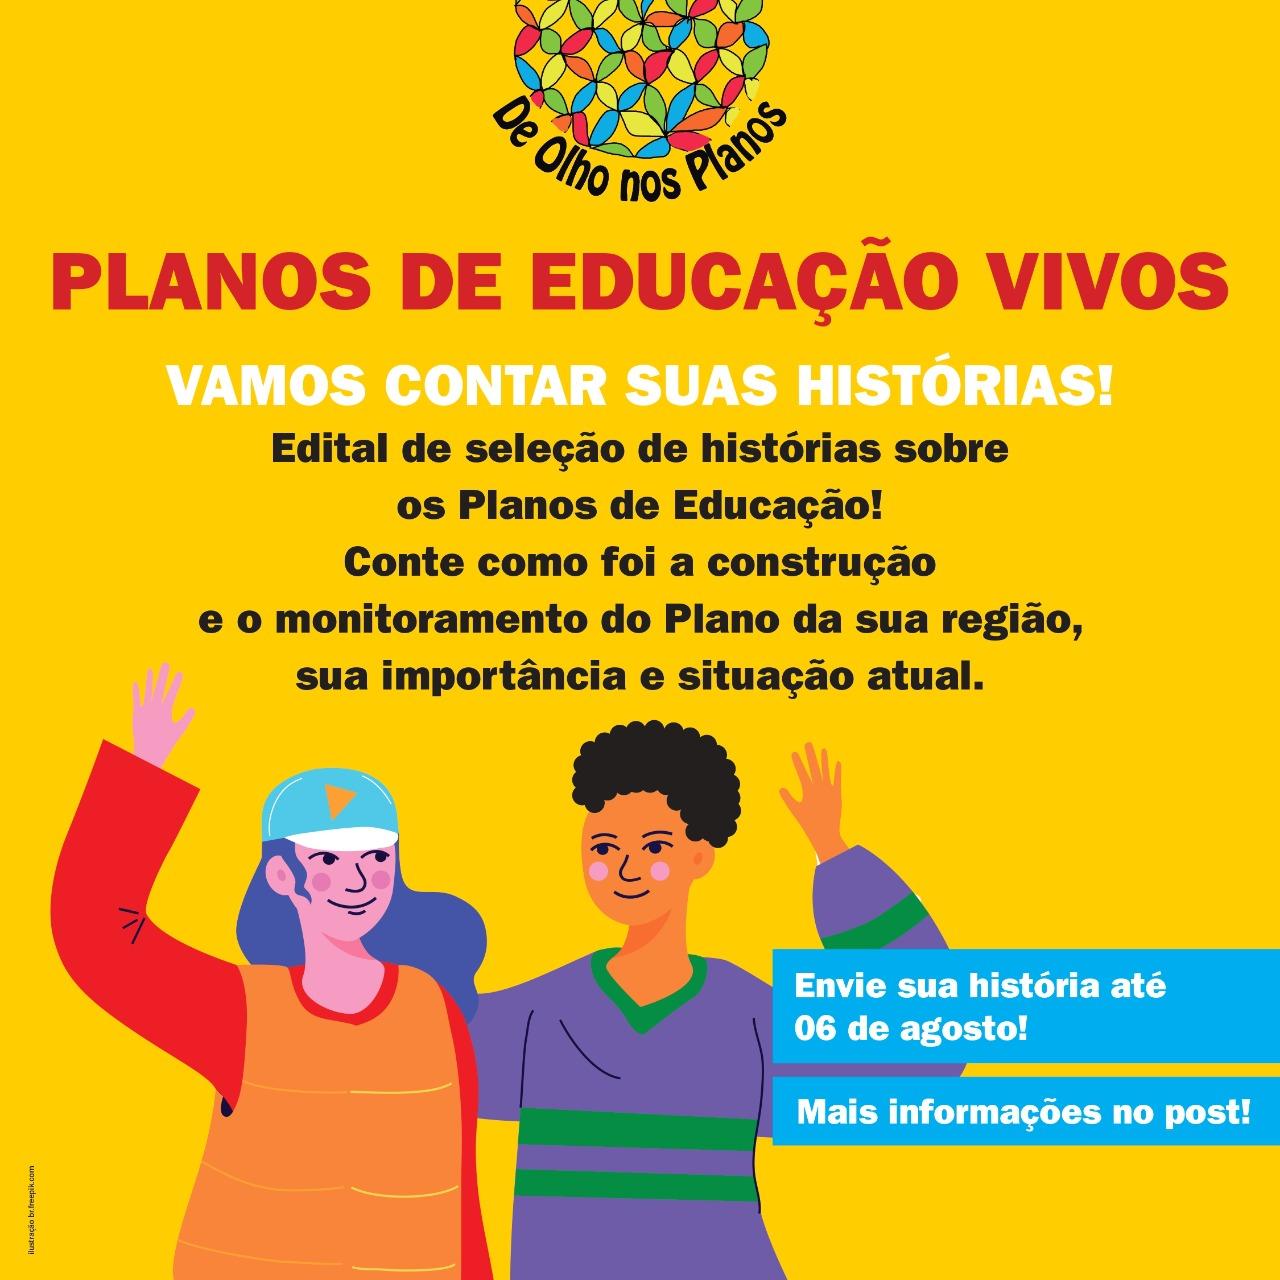 Iniciativa De Olho Nos Planos lança edital Planos de Educação Vivos: vamos contar as suas histórias!